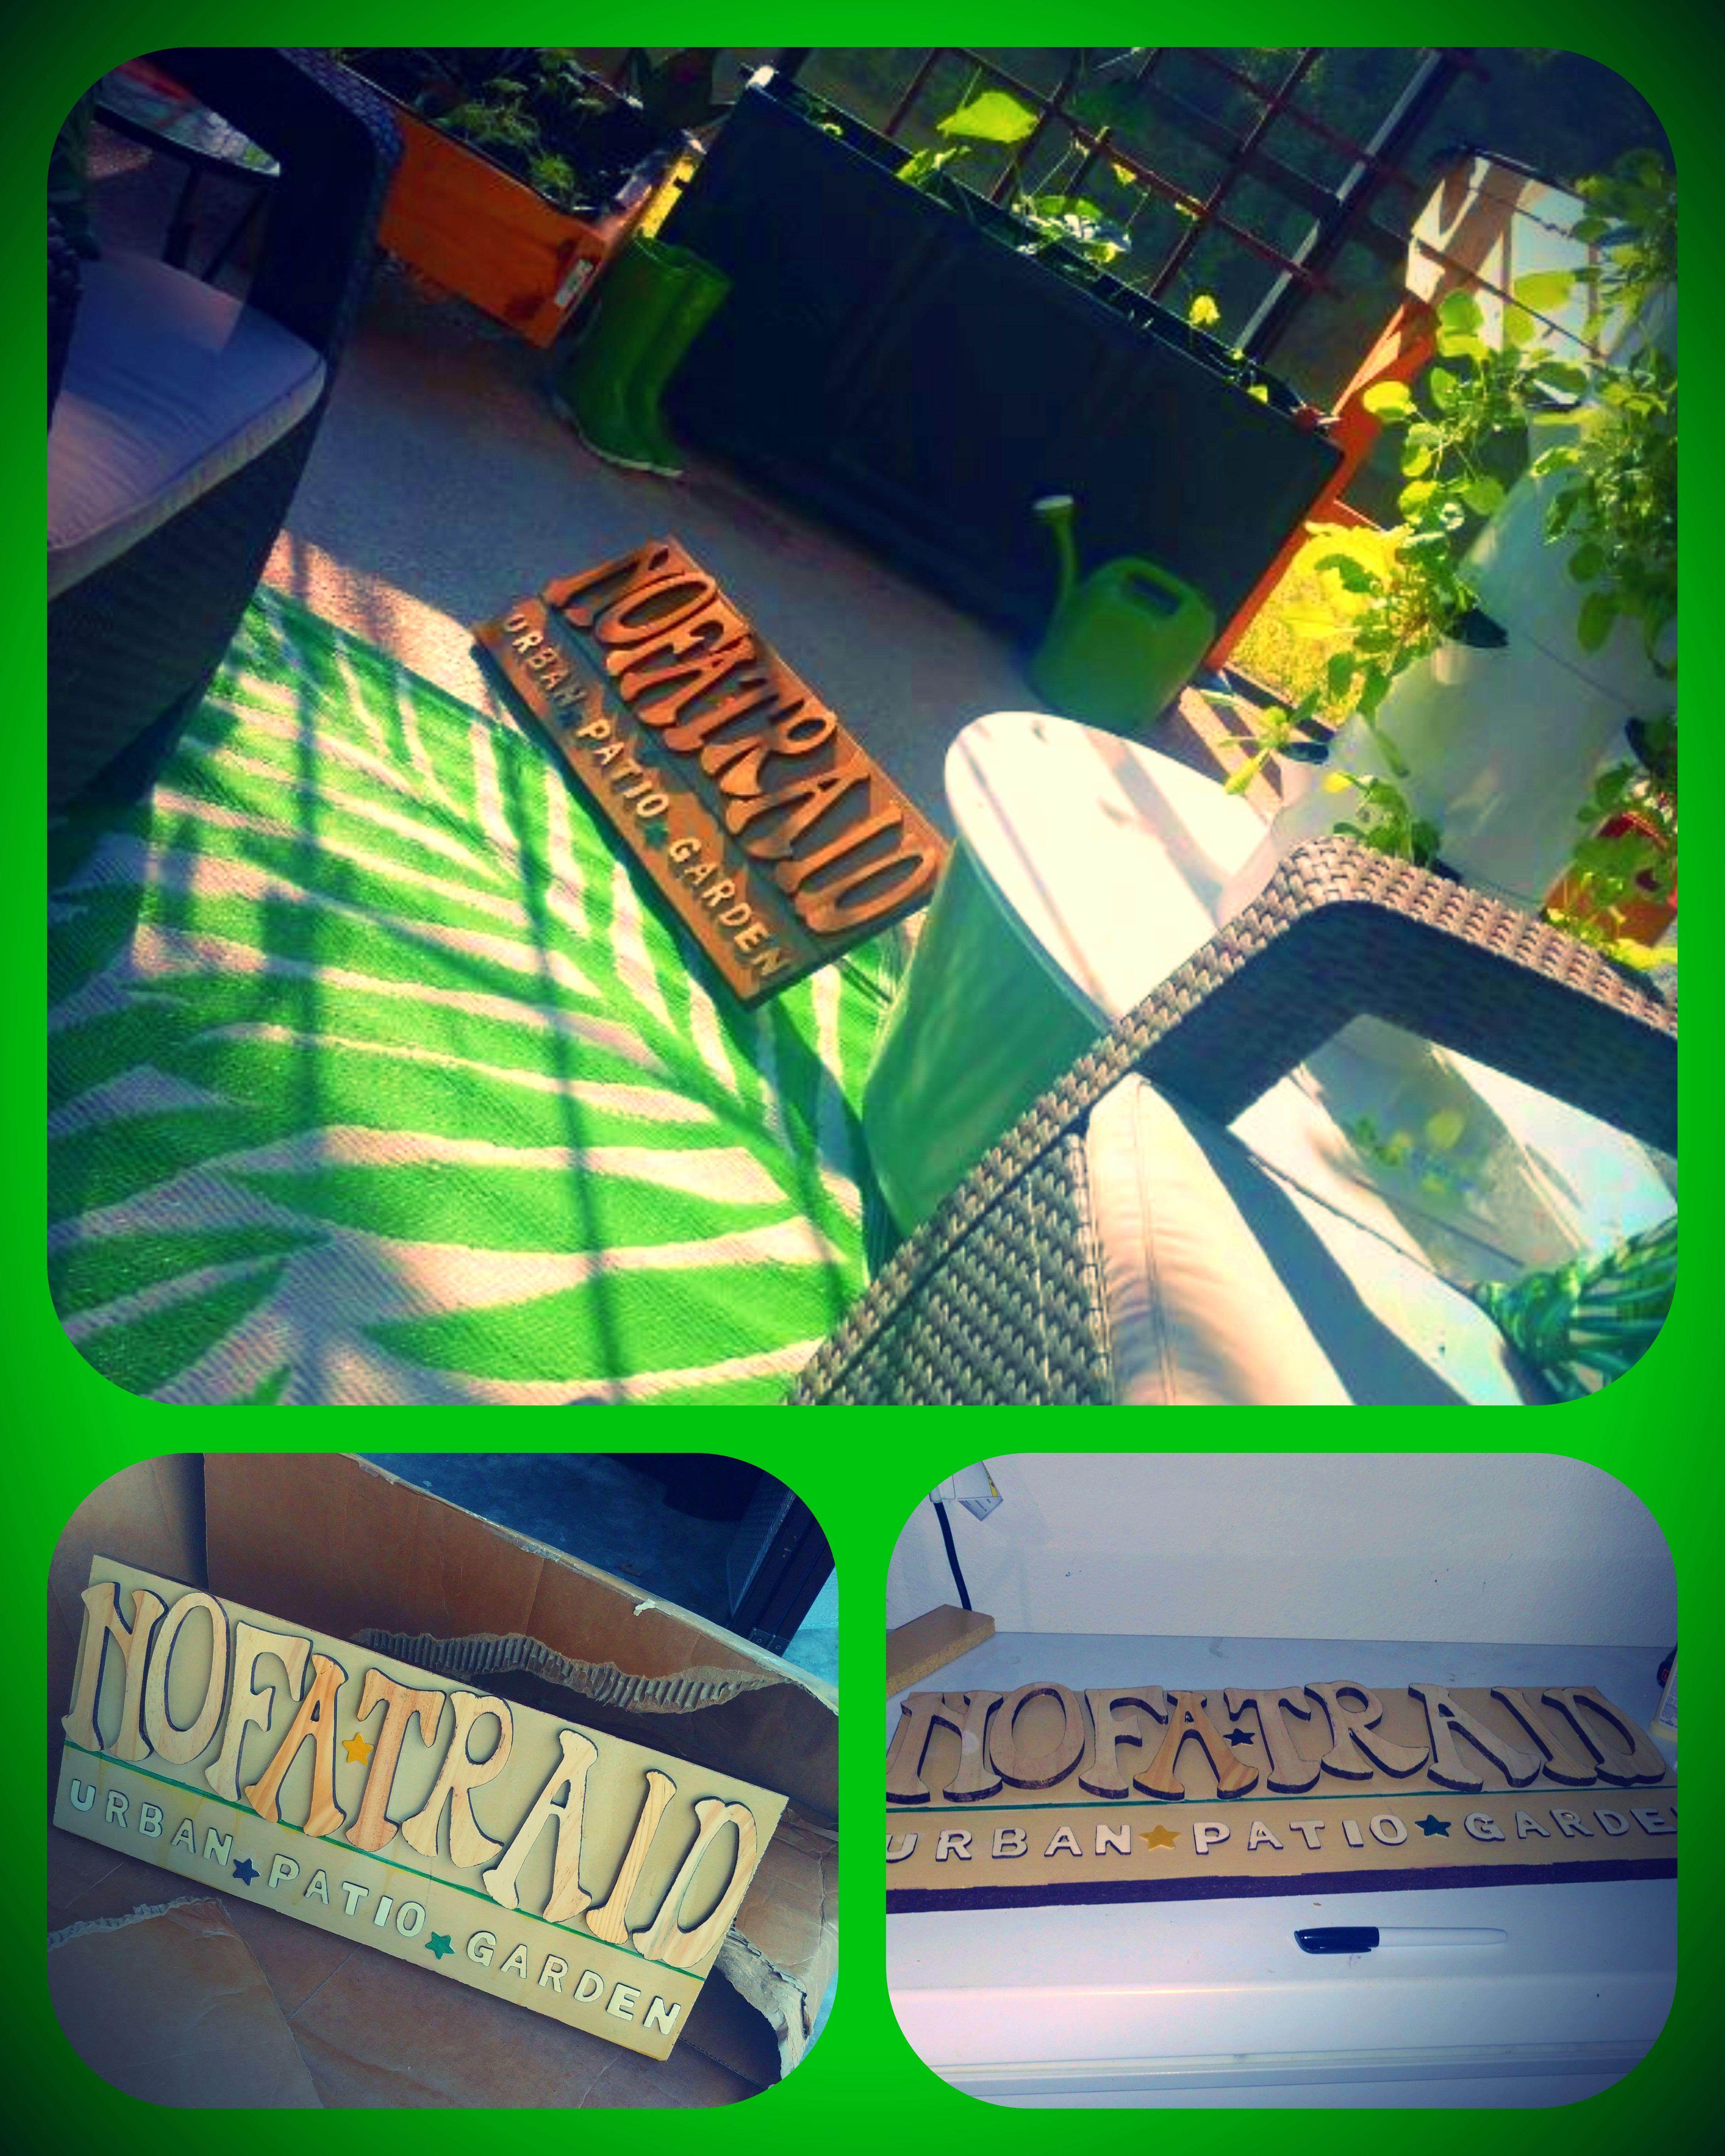 Nofatraid's Urban Patio Garden